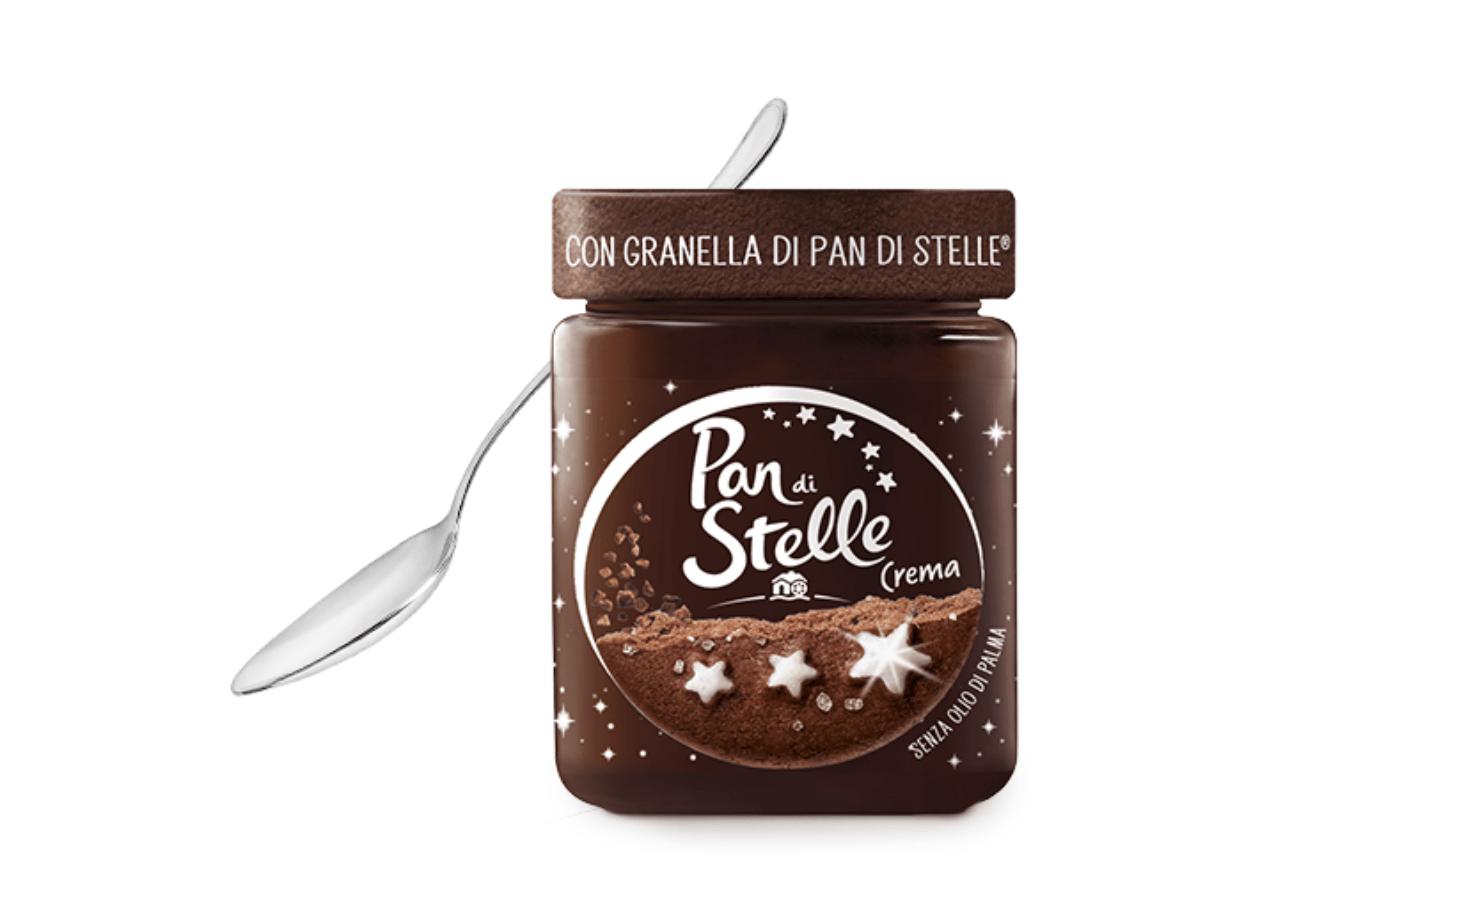 Crema Pan di Stelle, è in vendita la rivale della Nutella